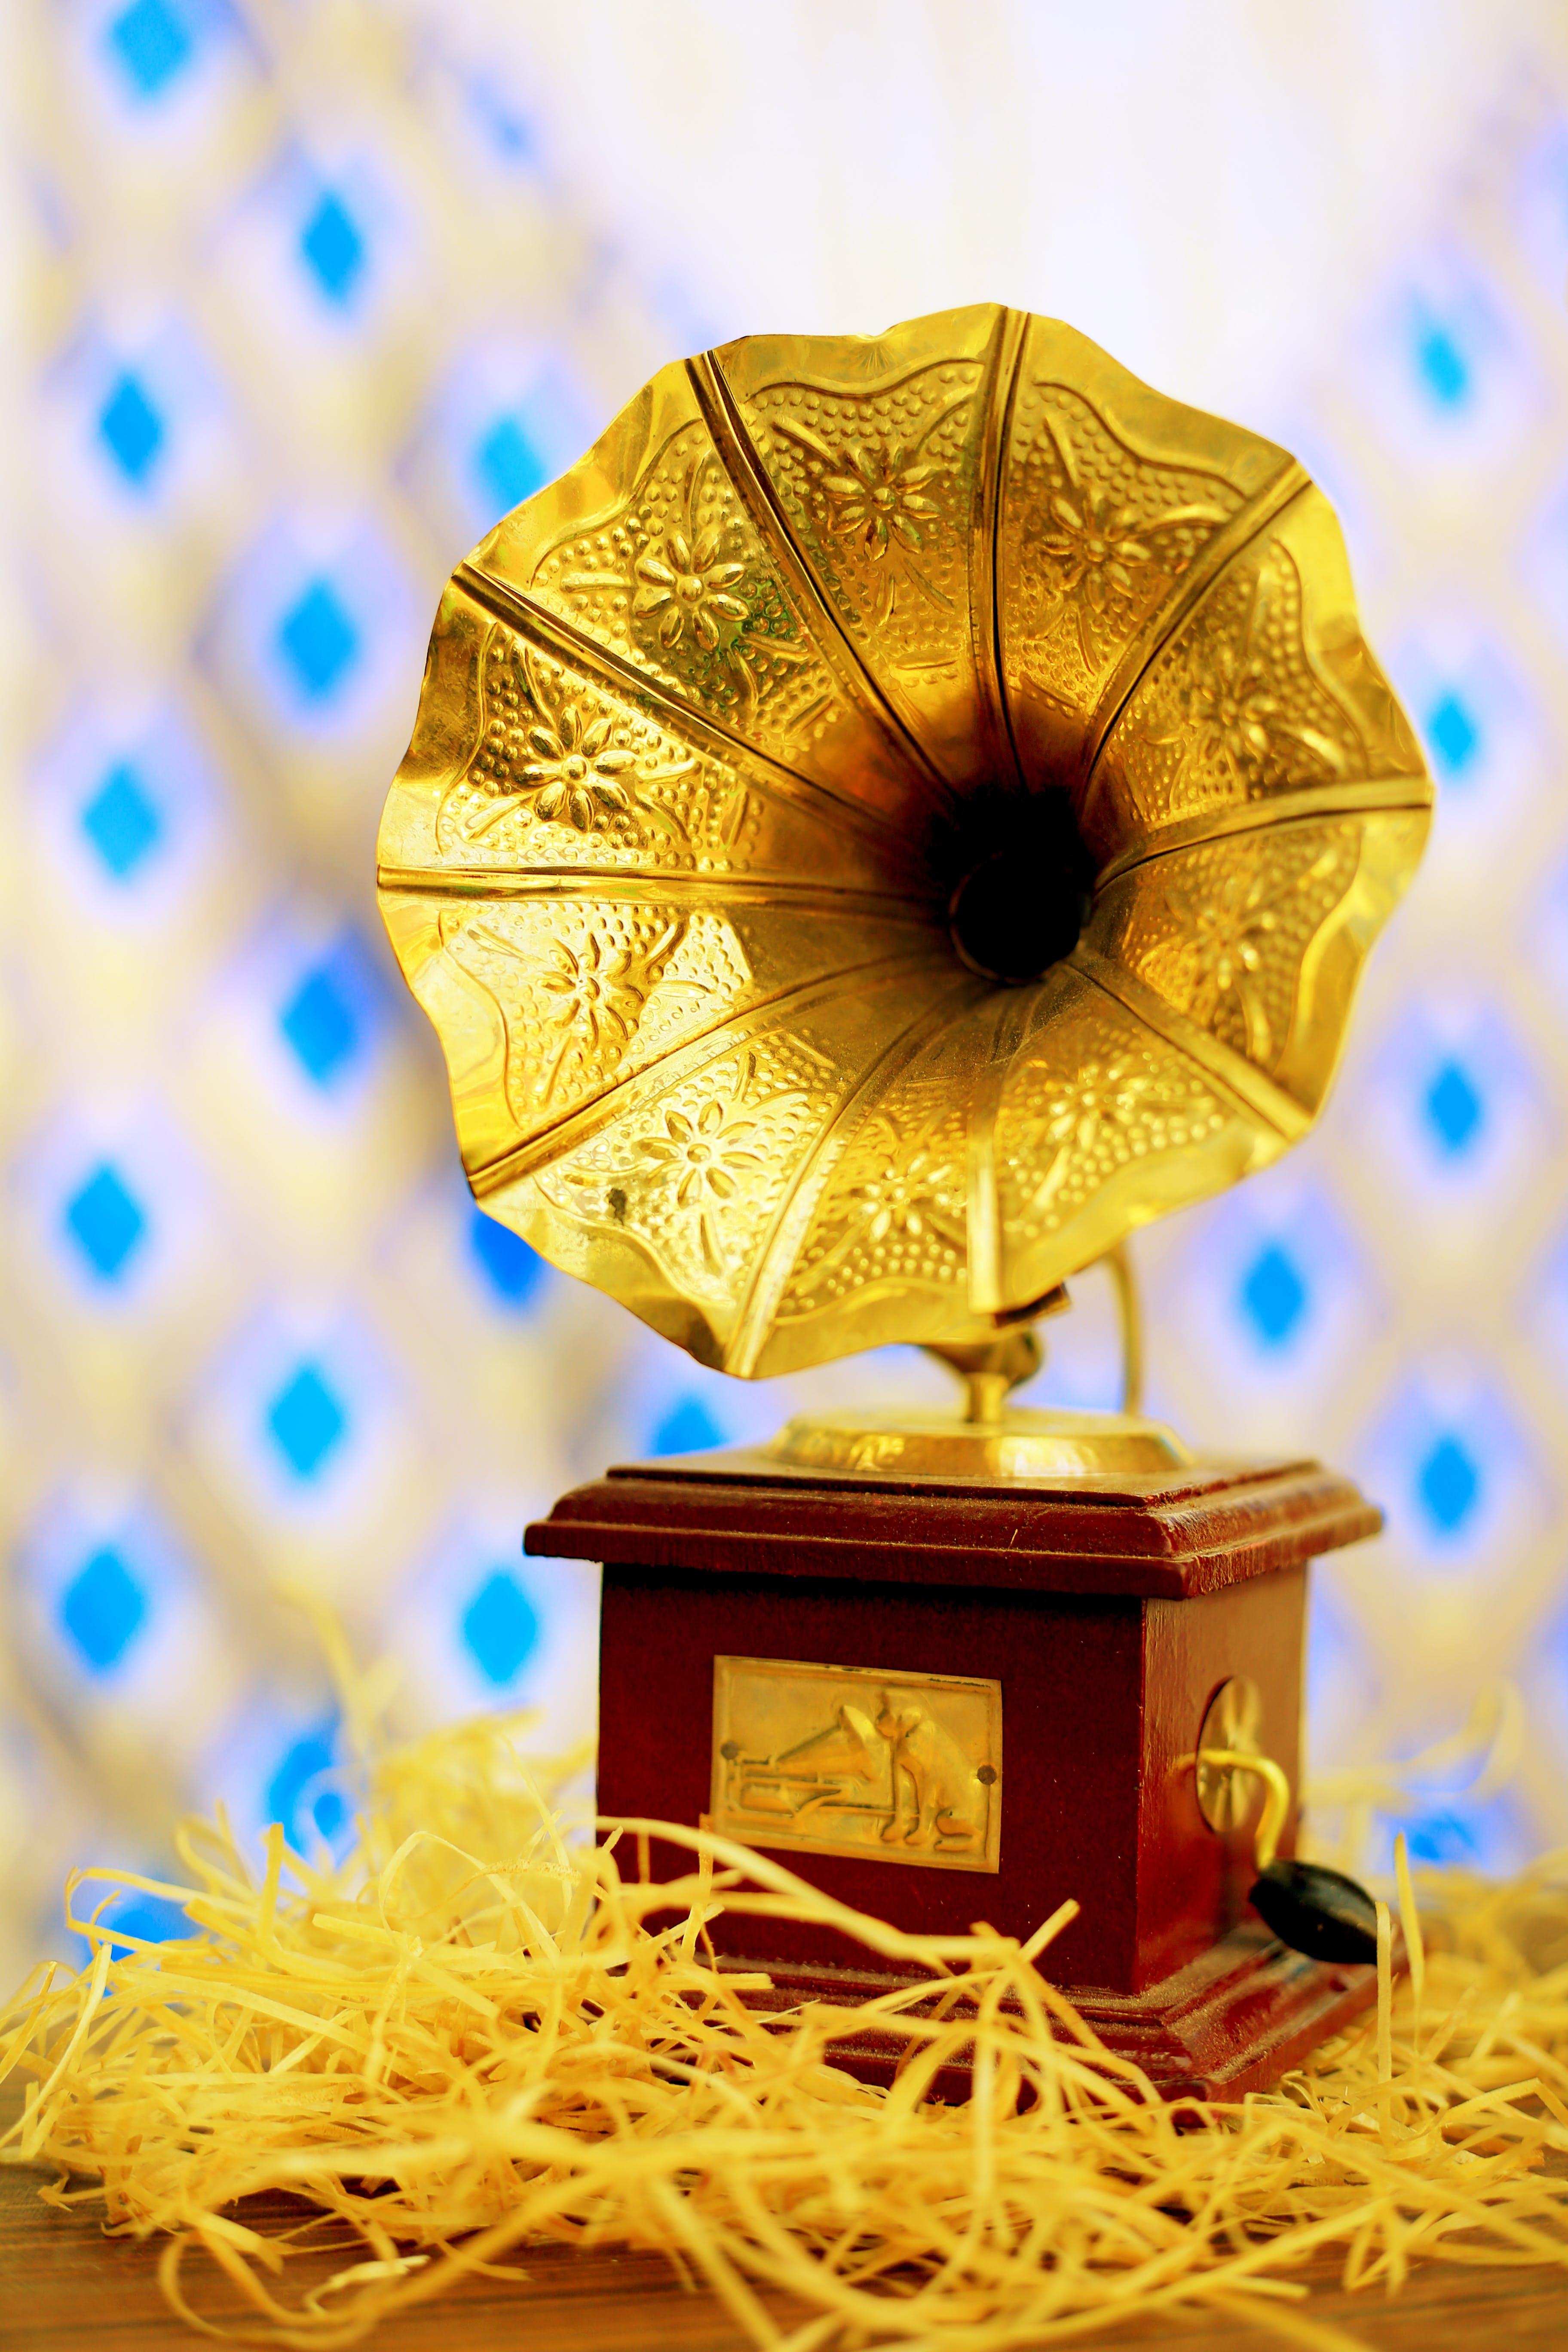 Δωρεάν στοκ φωτογραφιών με γραμμόφωνο, μουσικό όργανο, χρυσαφένιος